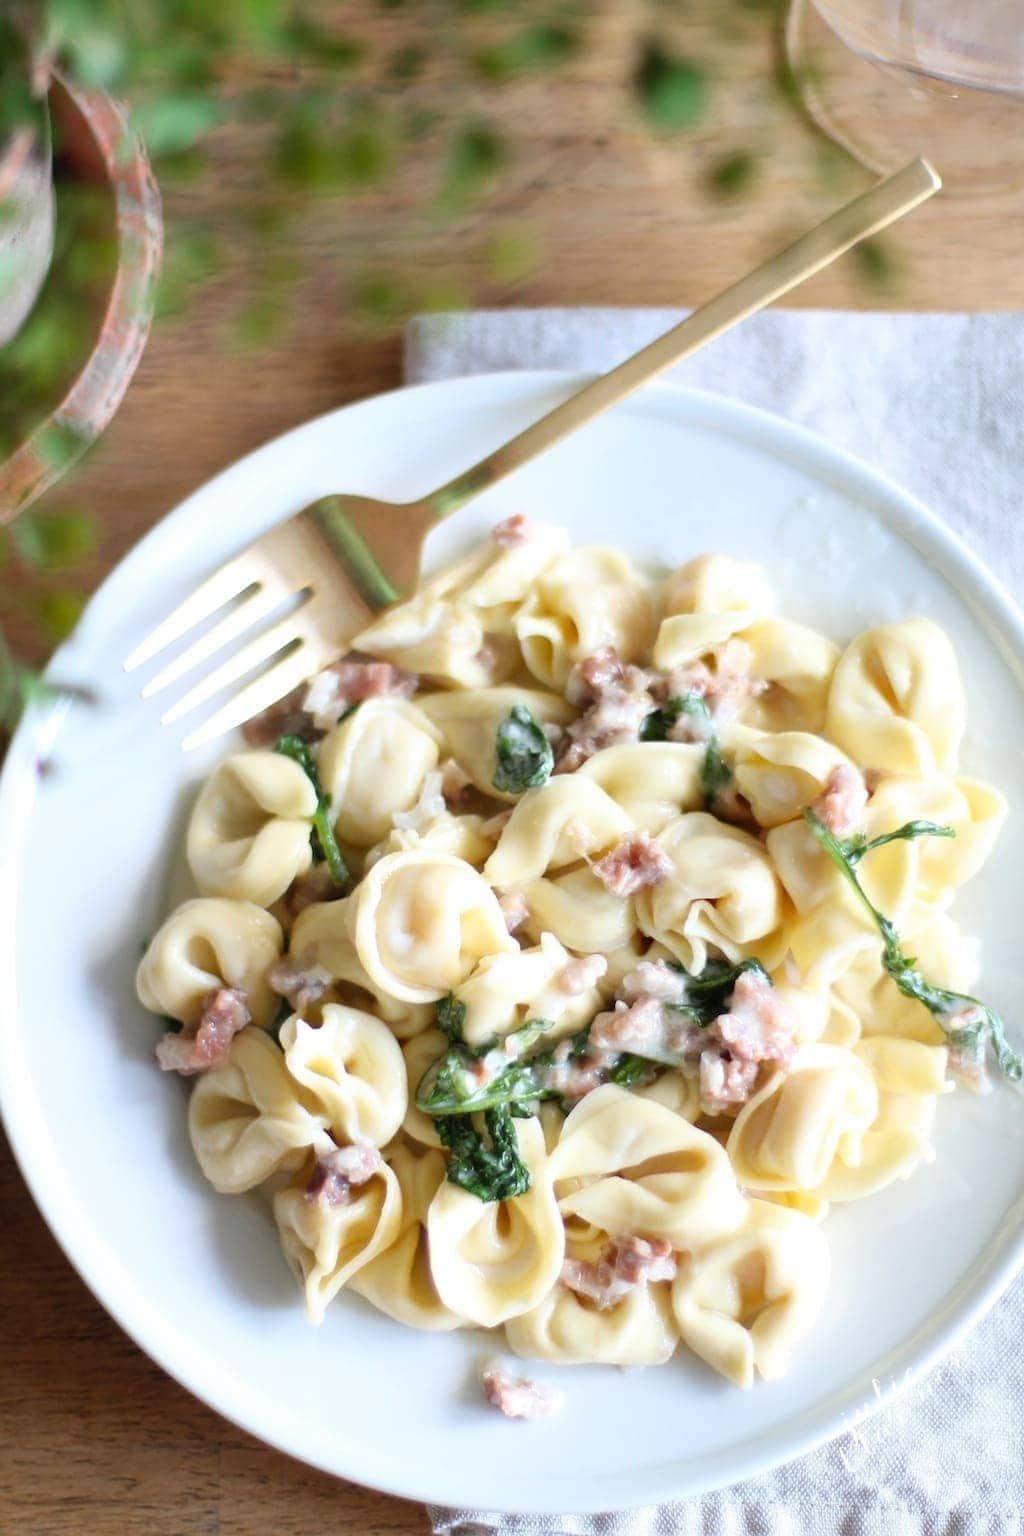 copycat recipe of Maggiano's tortellacci